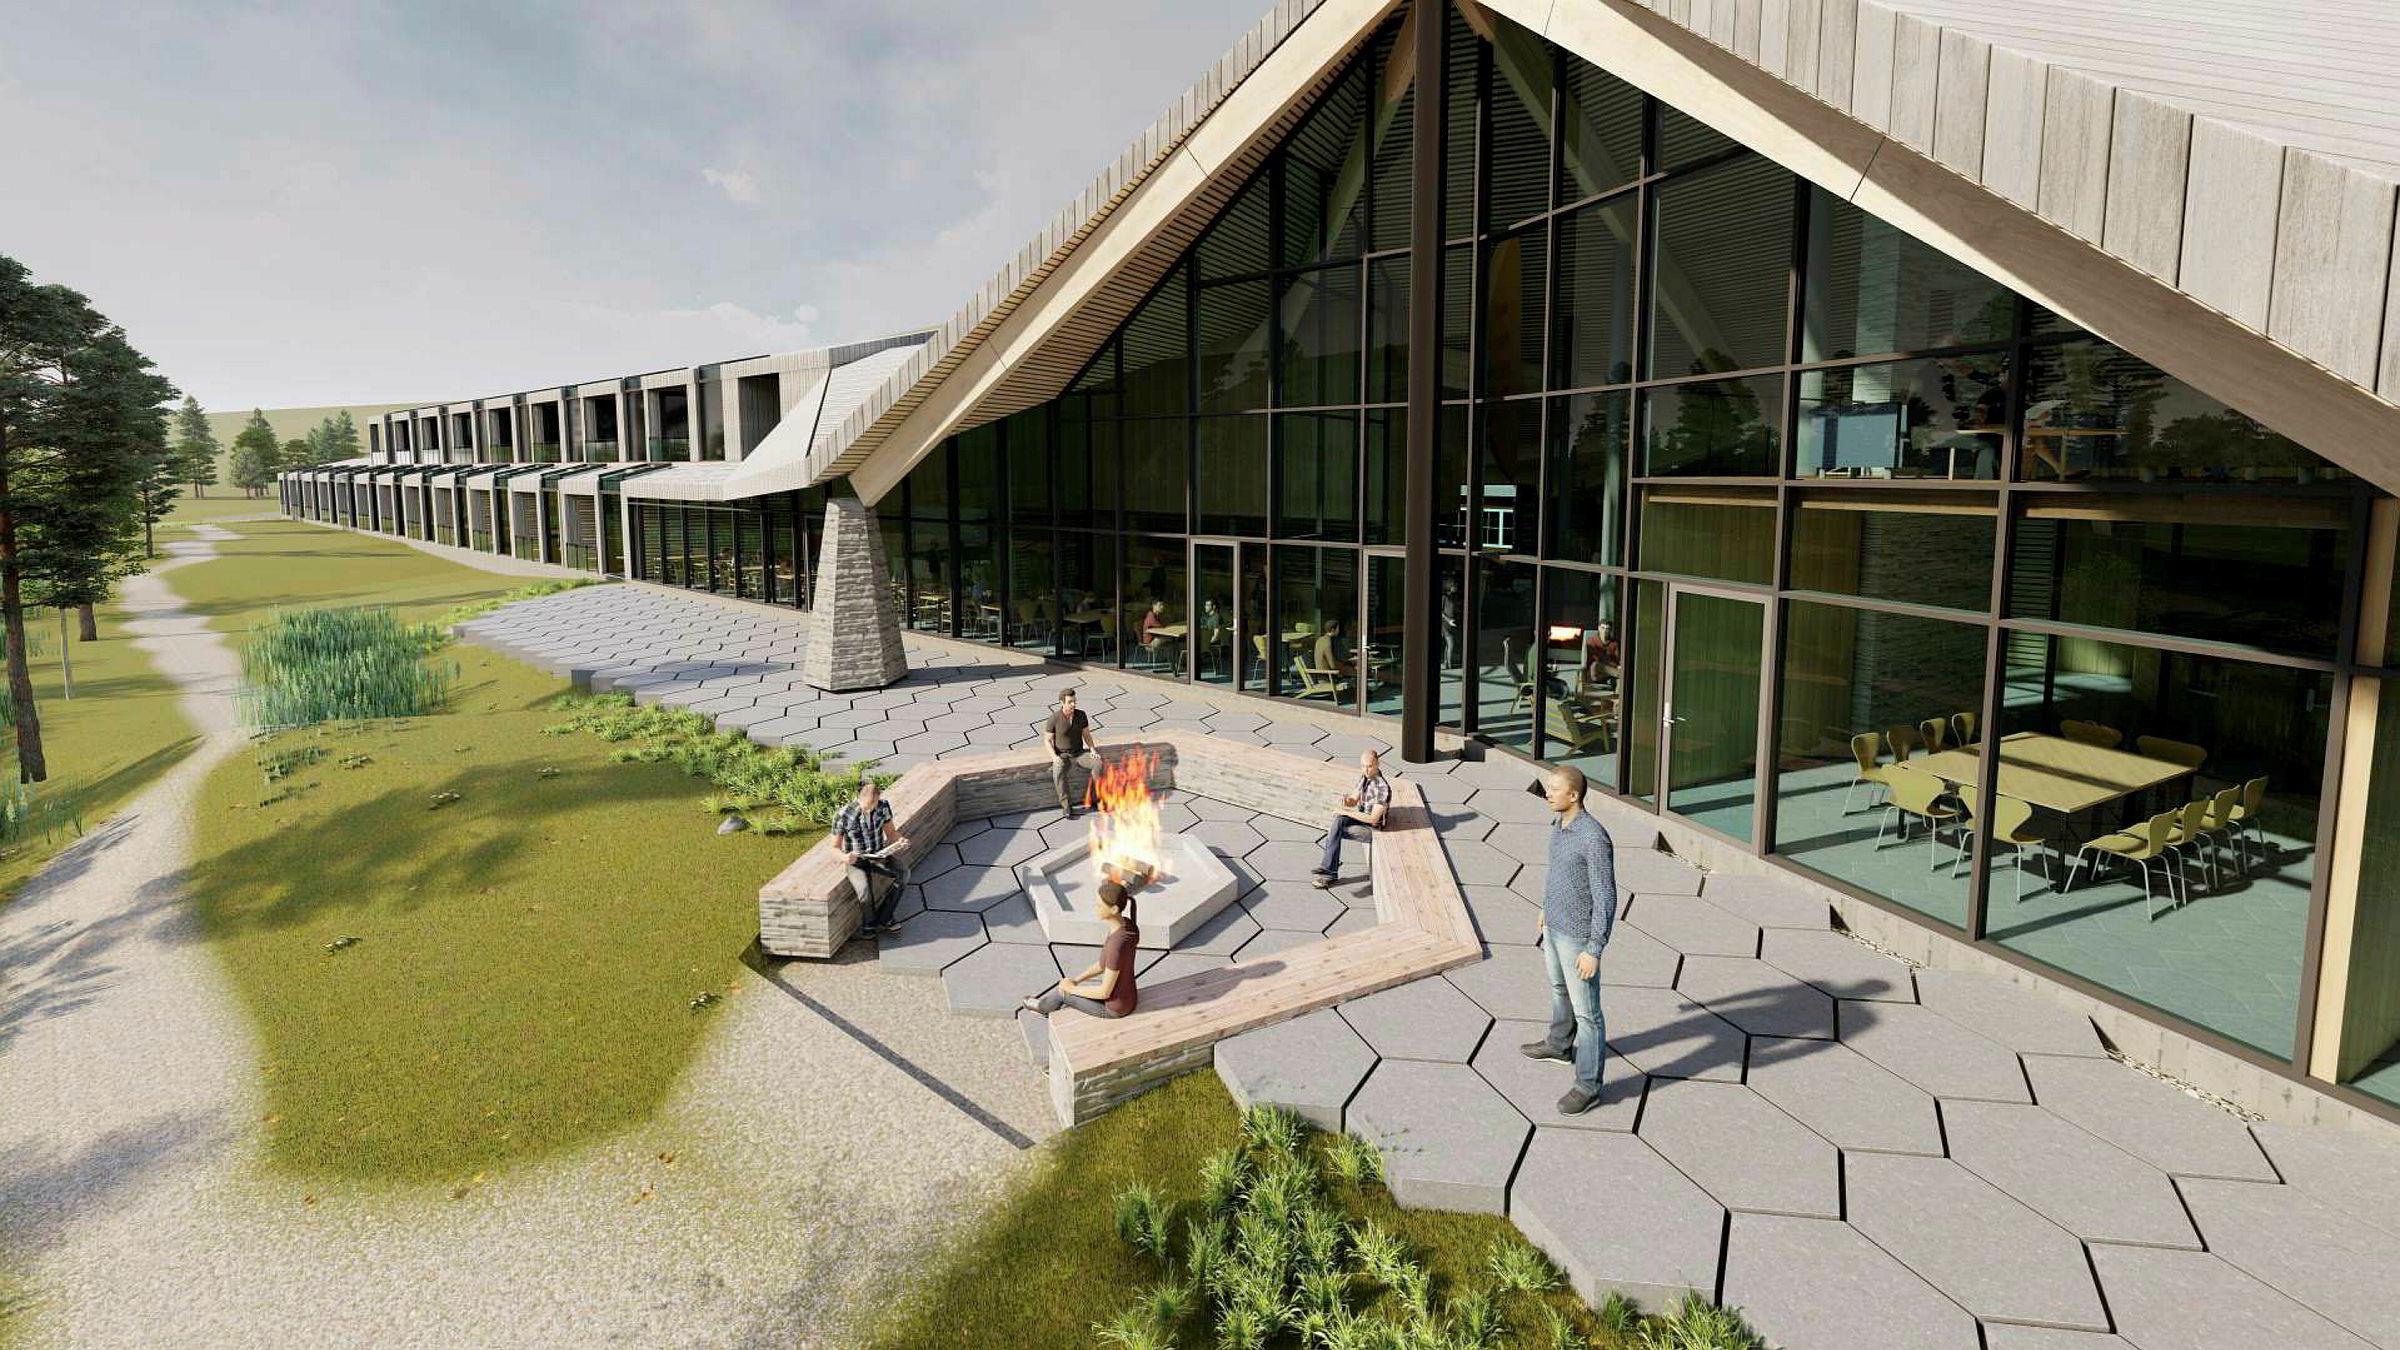 Wisløff-familien bygge en arktisk villmarkslodge med 24 suiter.